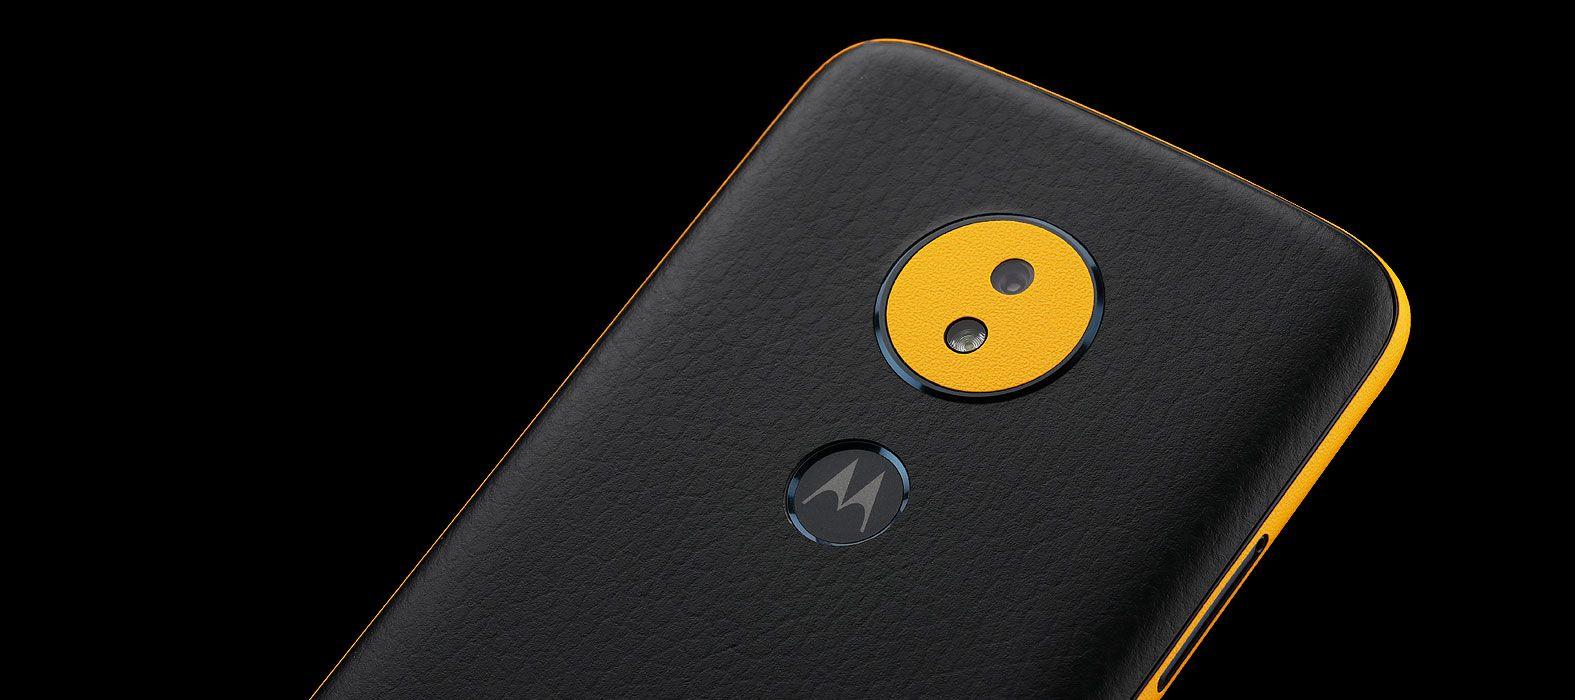 Motorola Moto G6 Play Skins